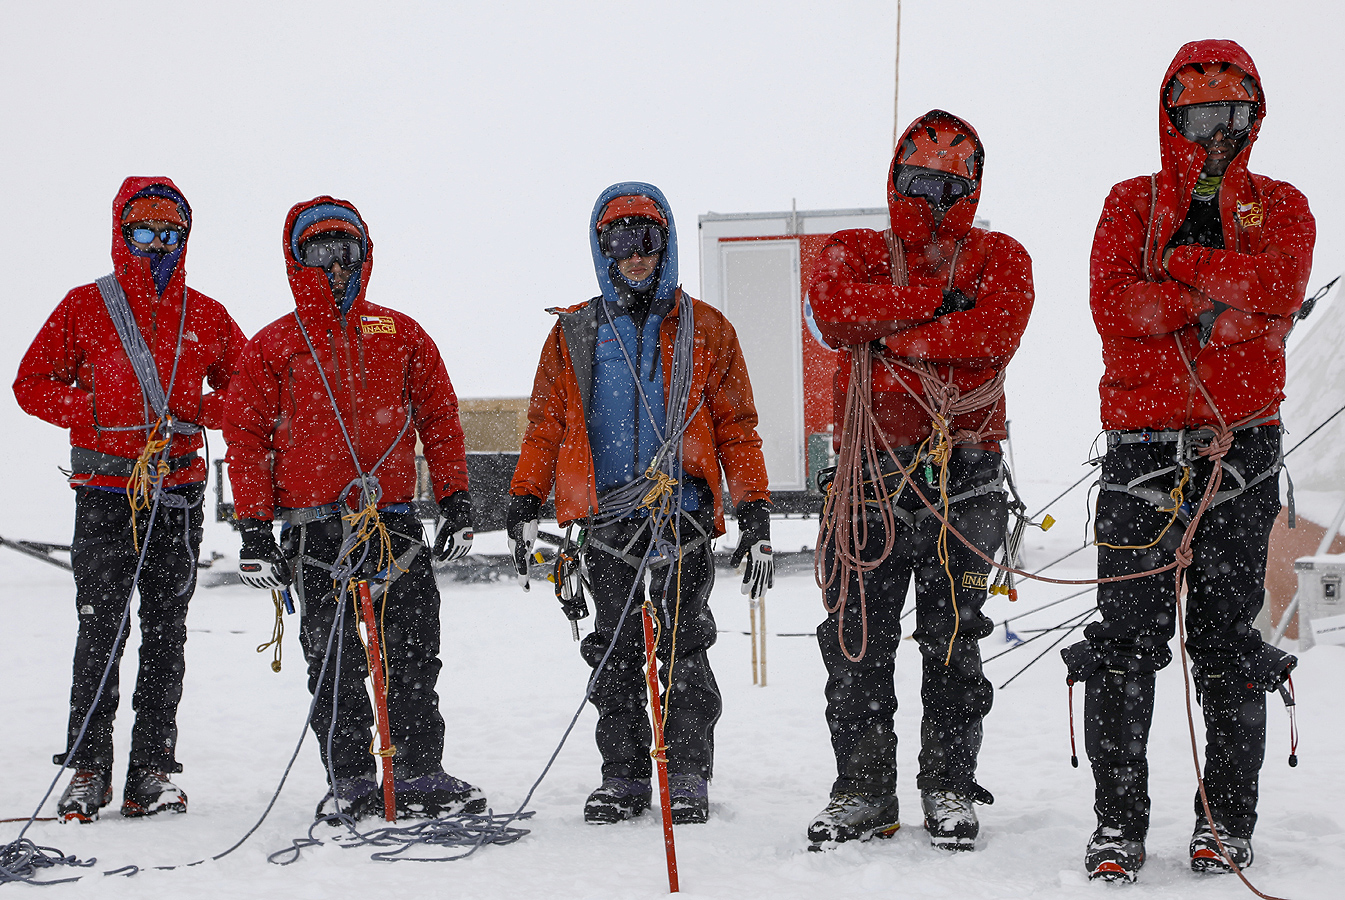 Тази година INACH избра осем учени чрез публичен конкурс за участие в четири проекта за полеви проучвания за да извърши редица експерименти, измервания и събиране на данни, изследване на елементарни форми на живот и взимане на проби от сняг, лед и скали